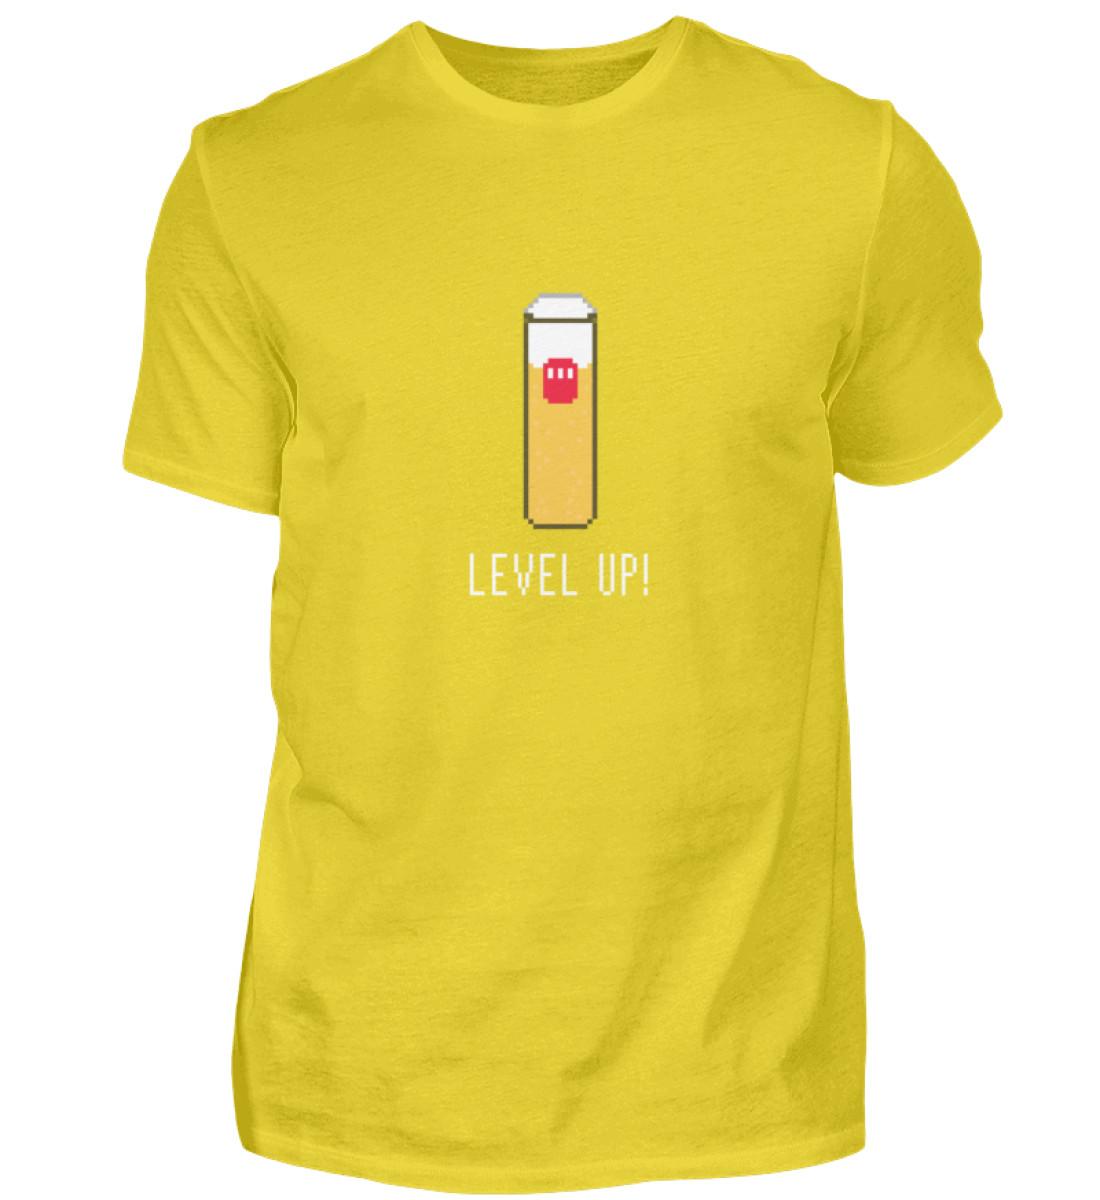 Level up T-Shirt - Herren Shirt-1102